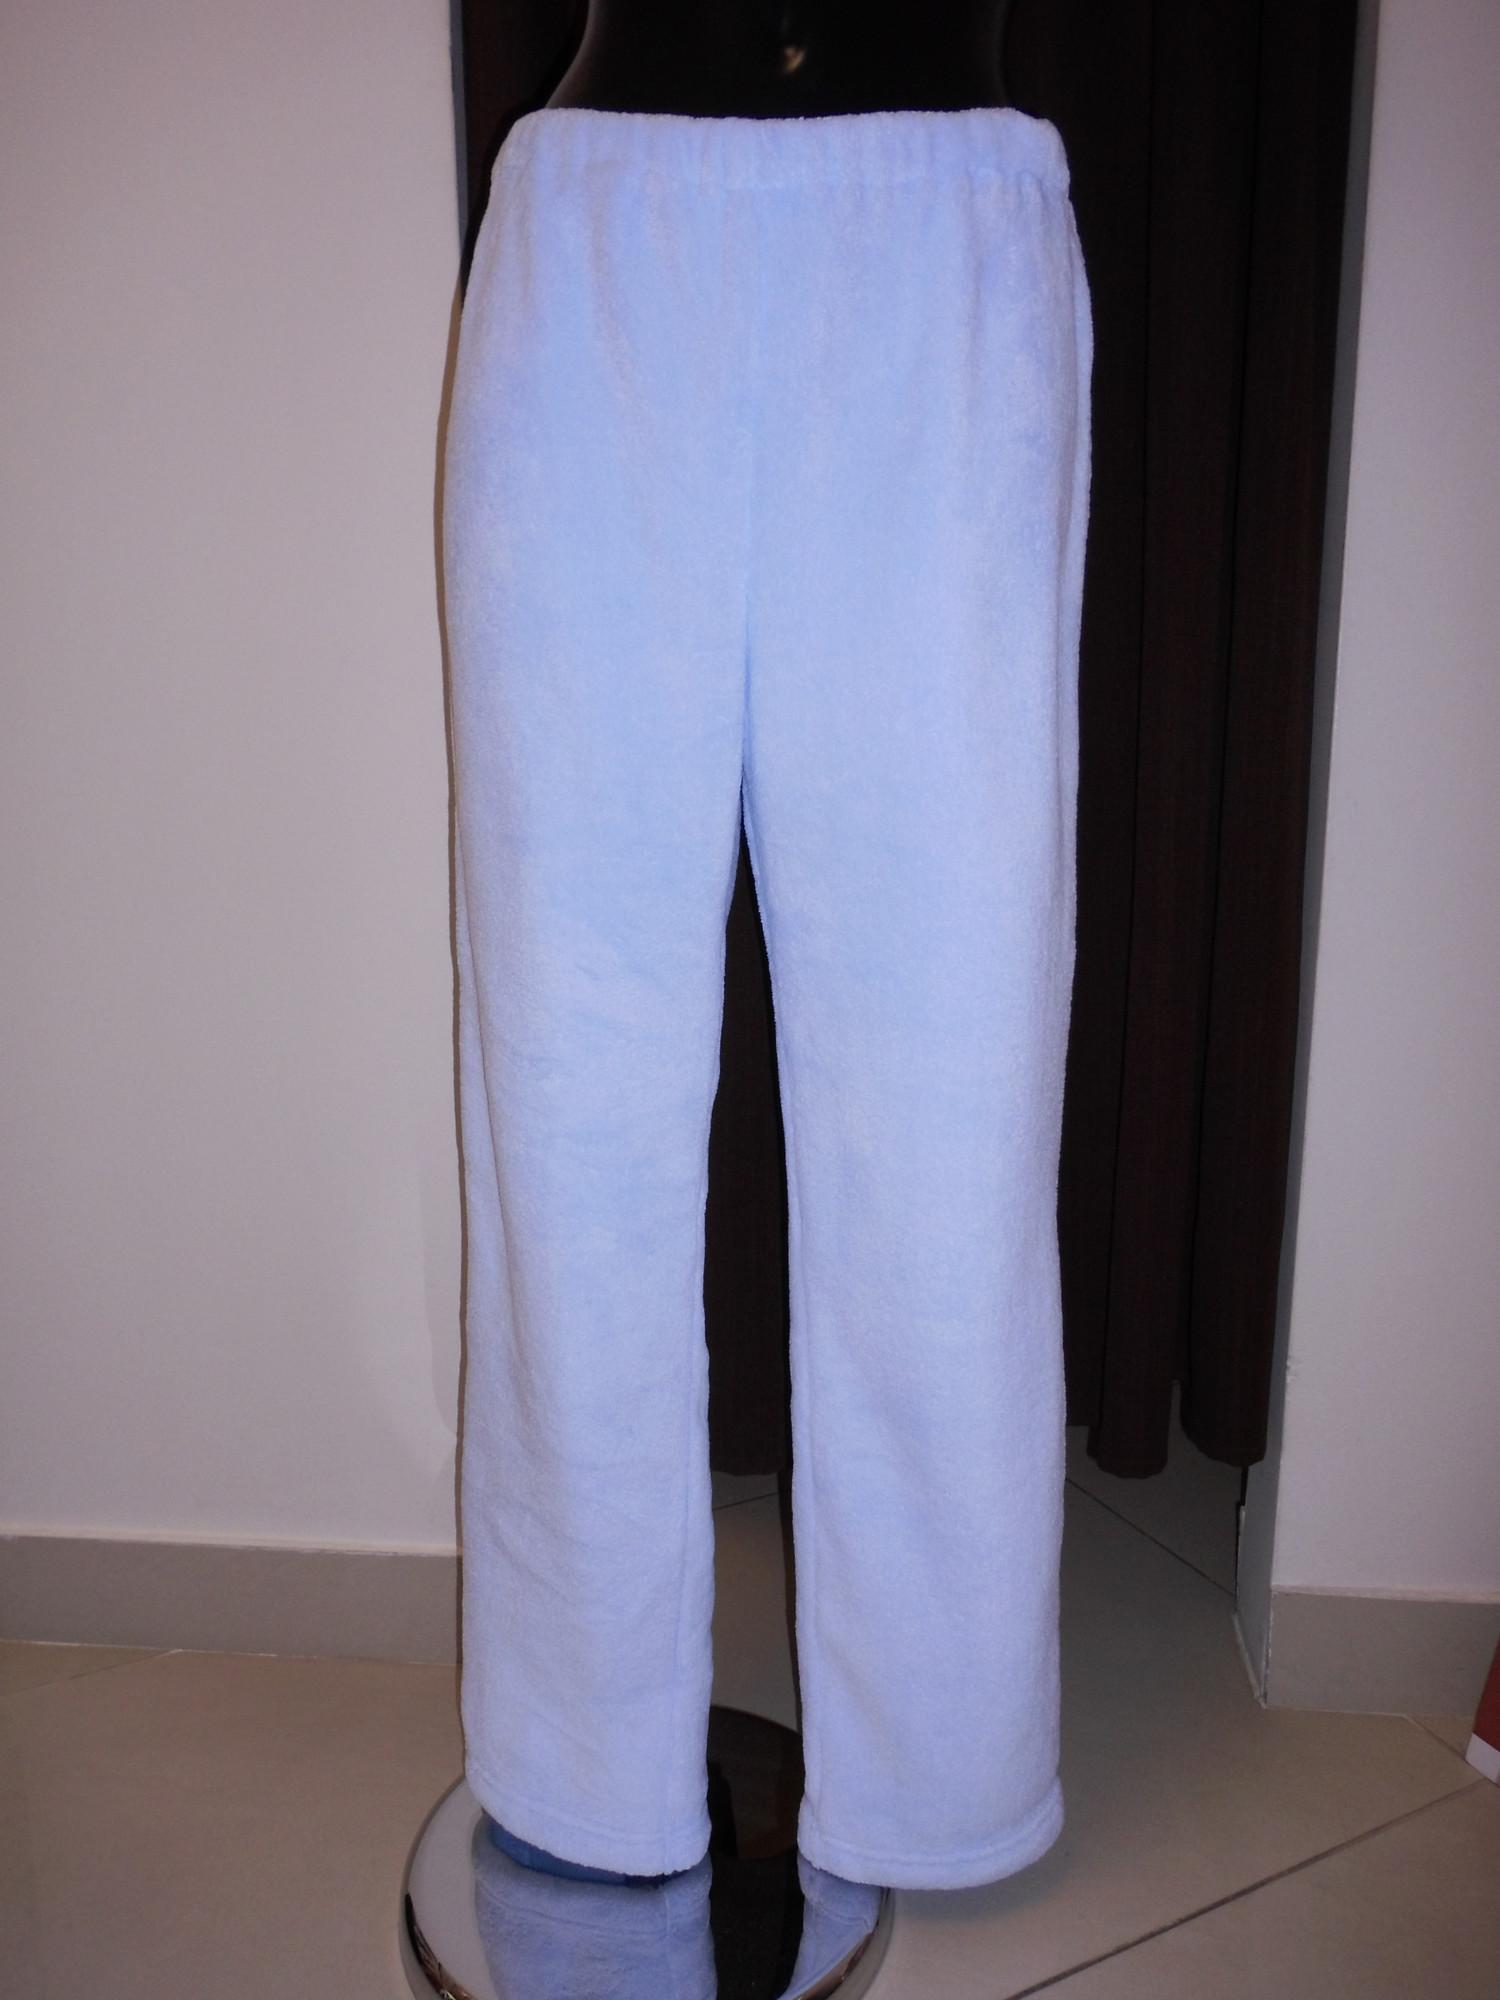 Dámské domácí kalhoty s výšivkou 6930 5251 - Vestis světle modrá S